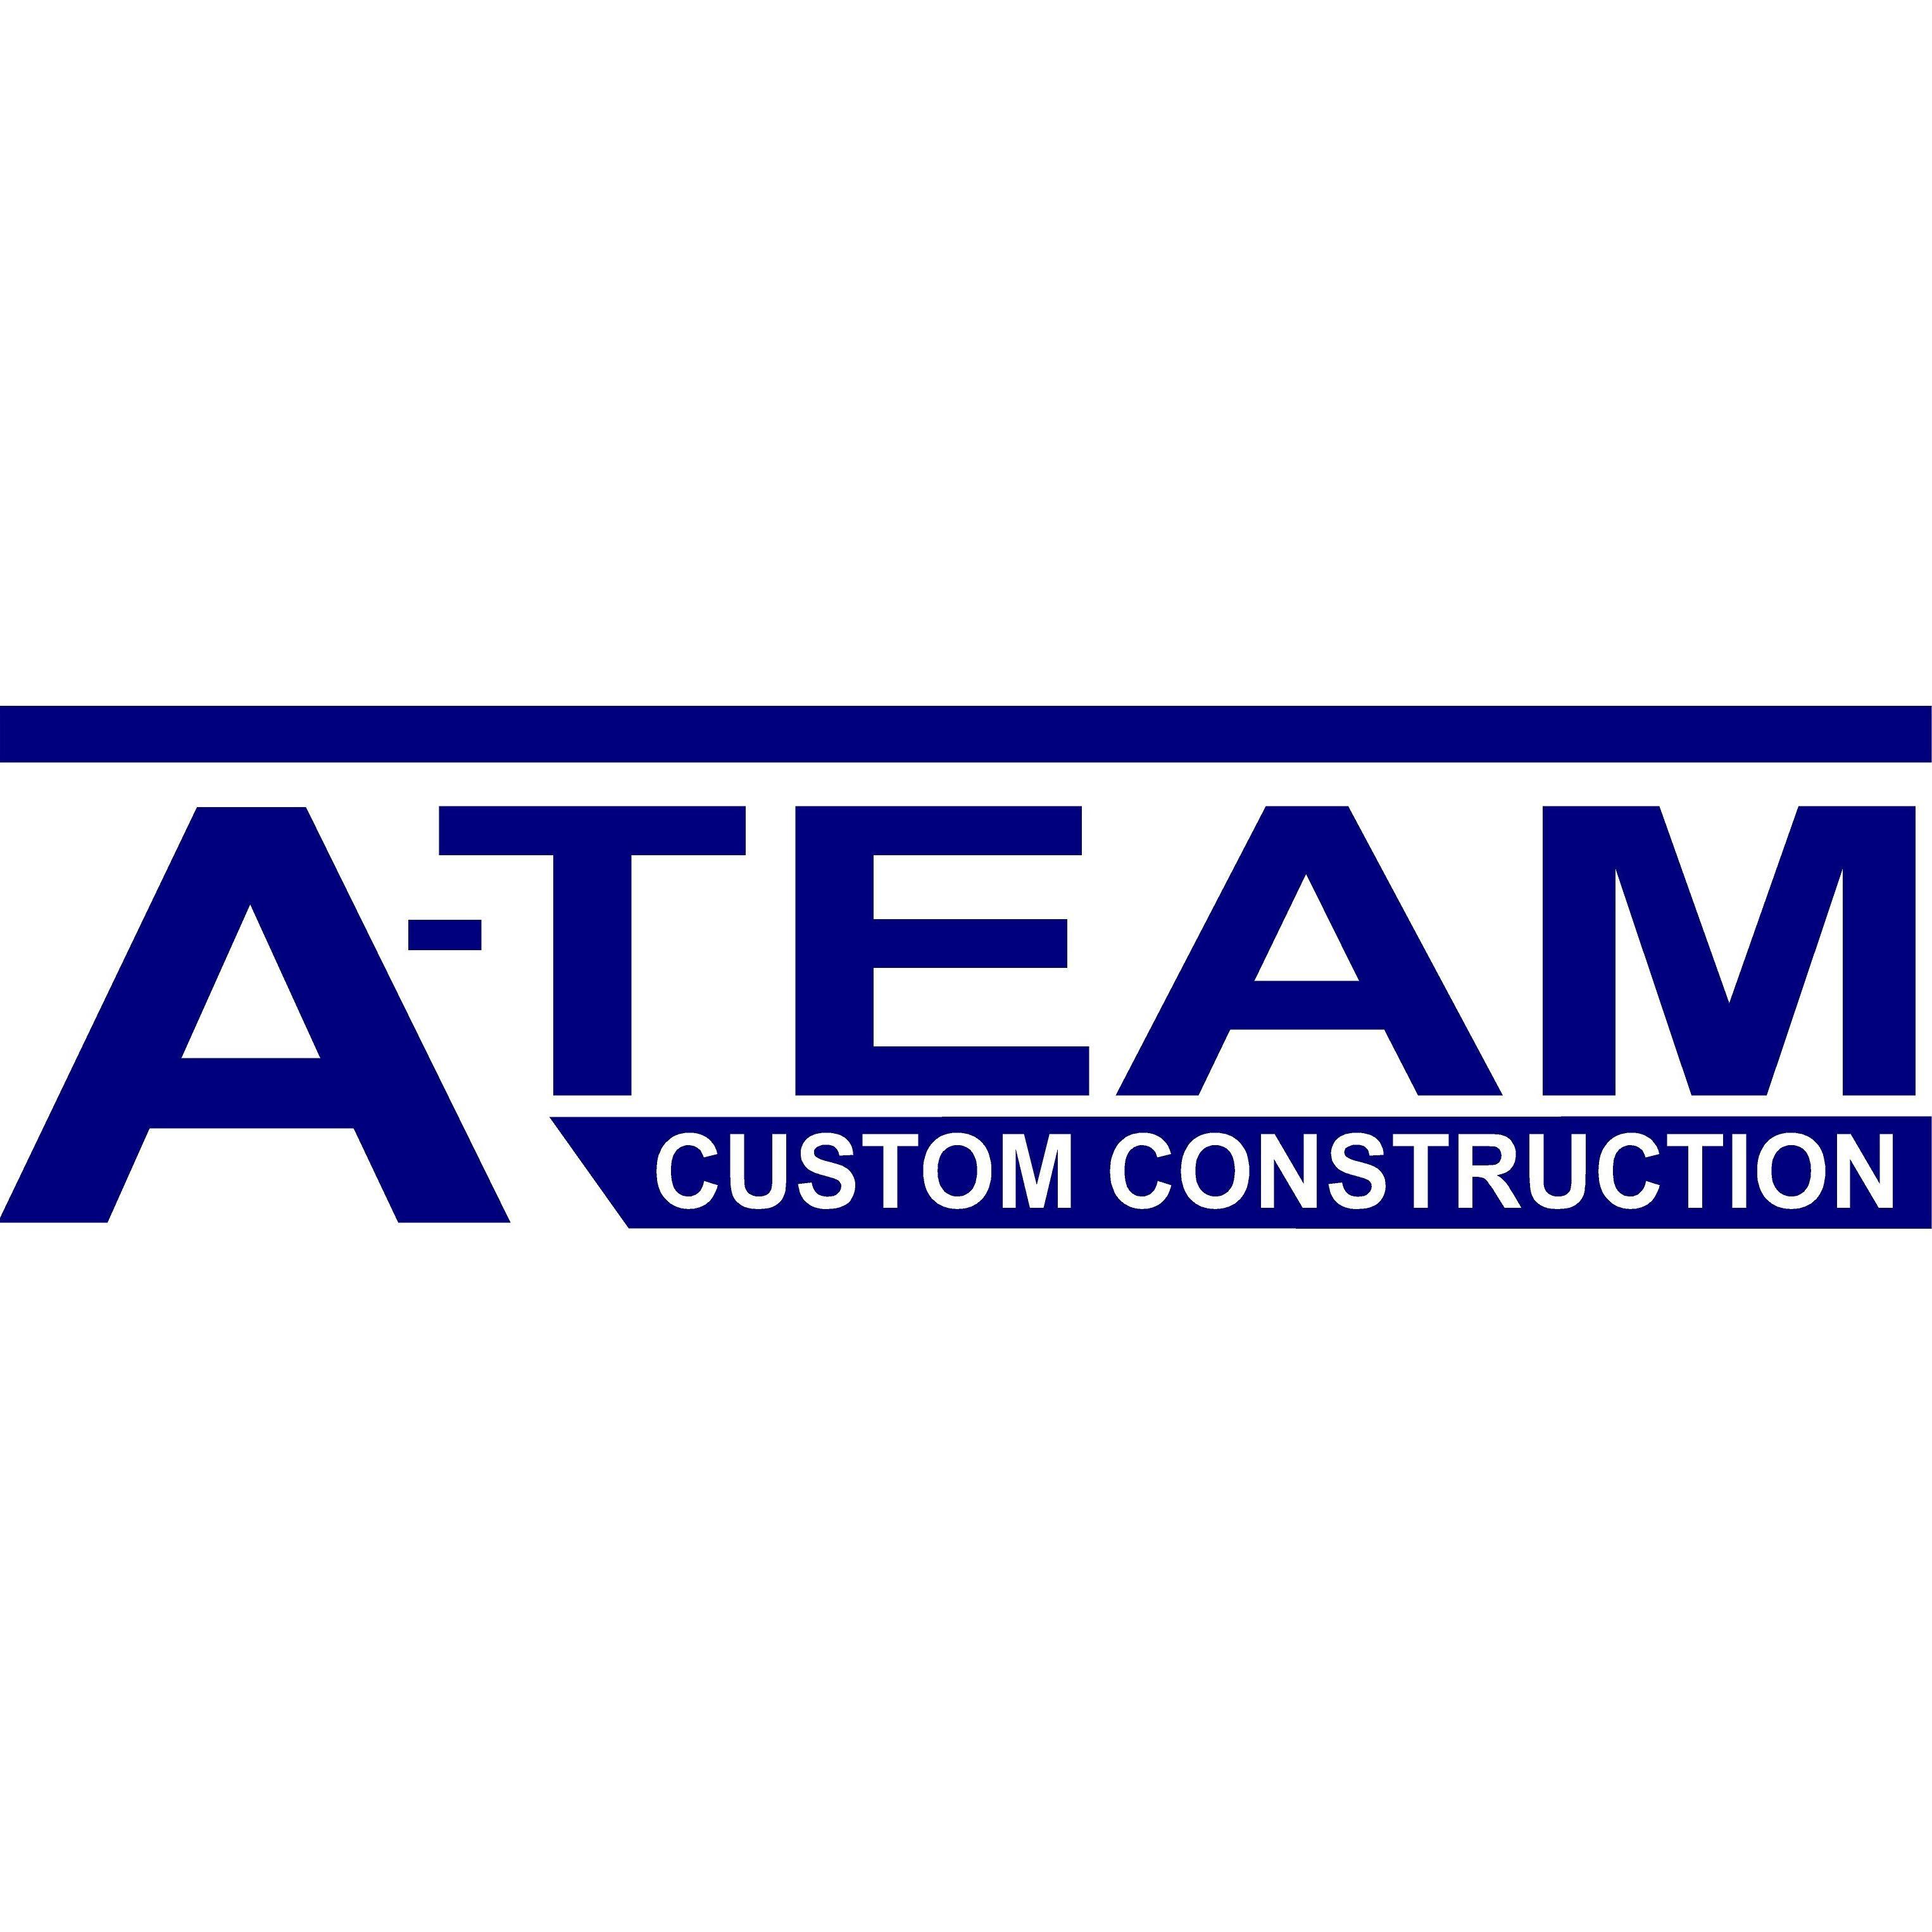 A-Team Custom Construction Inc